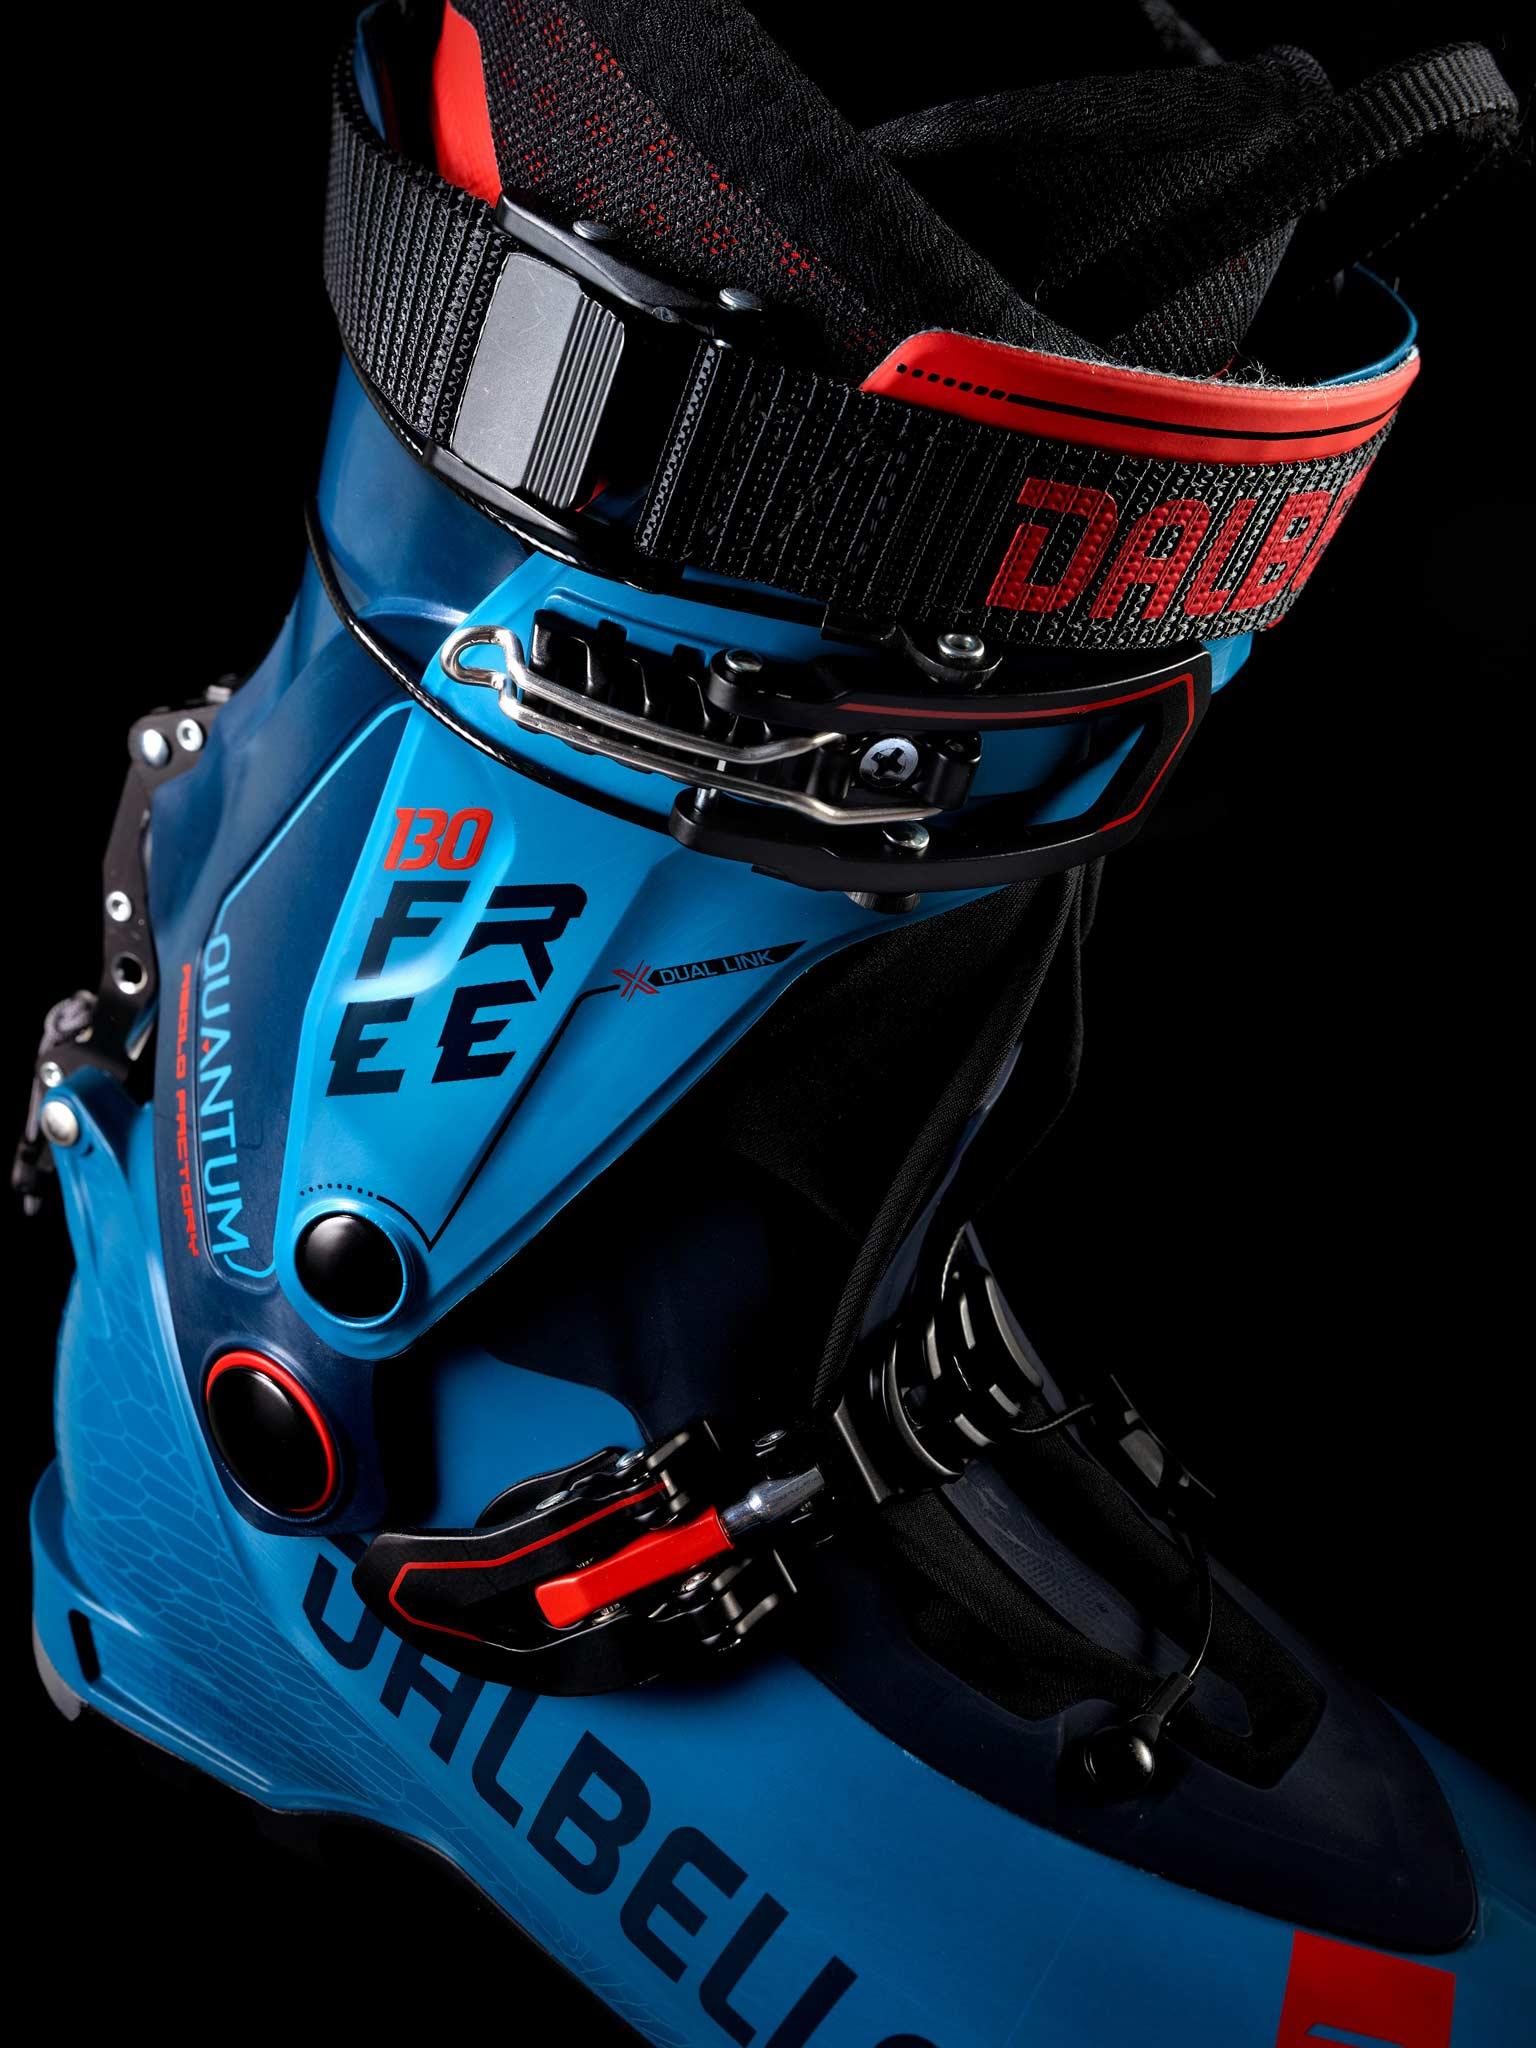 Der Quantum Free Asolo Factory 130 mit Powerstrap mit Schnalle. Der zugehörige lnnenschuh hat eine vorgeformter Knöchelpartie und durchgehende Schnurung. BILD: ©MDV Sports